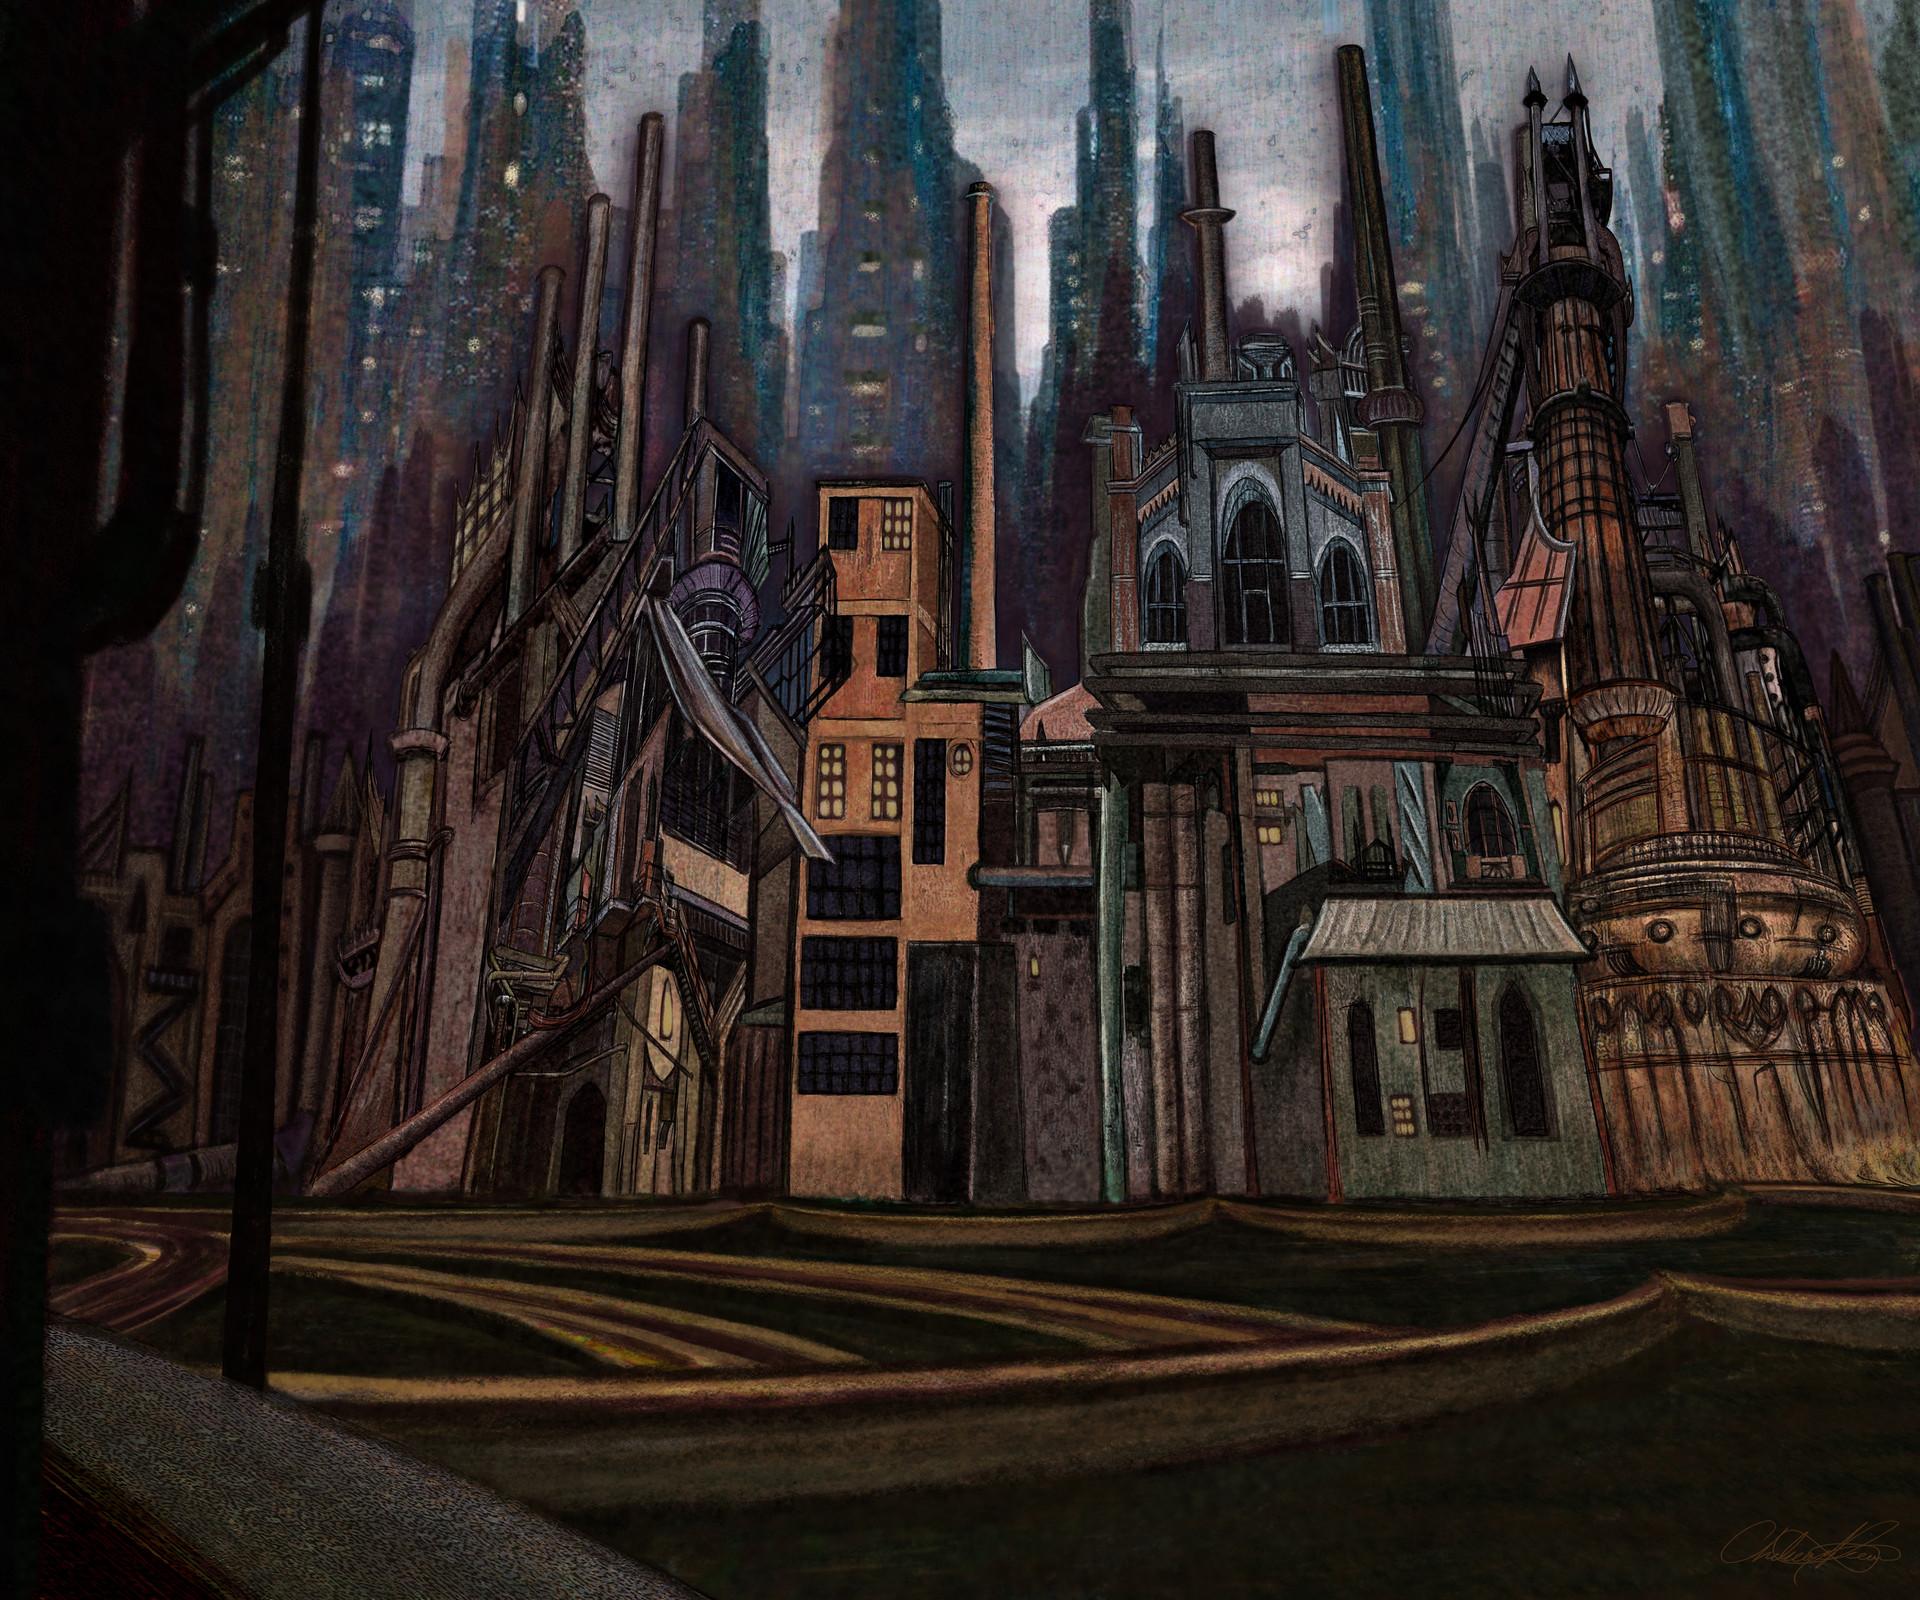 industrial city med.jpg